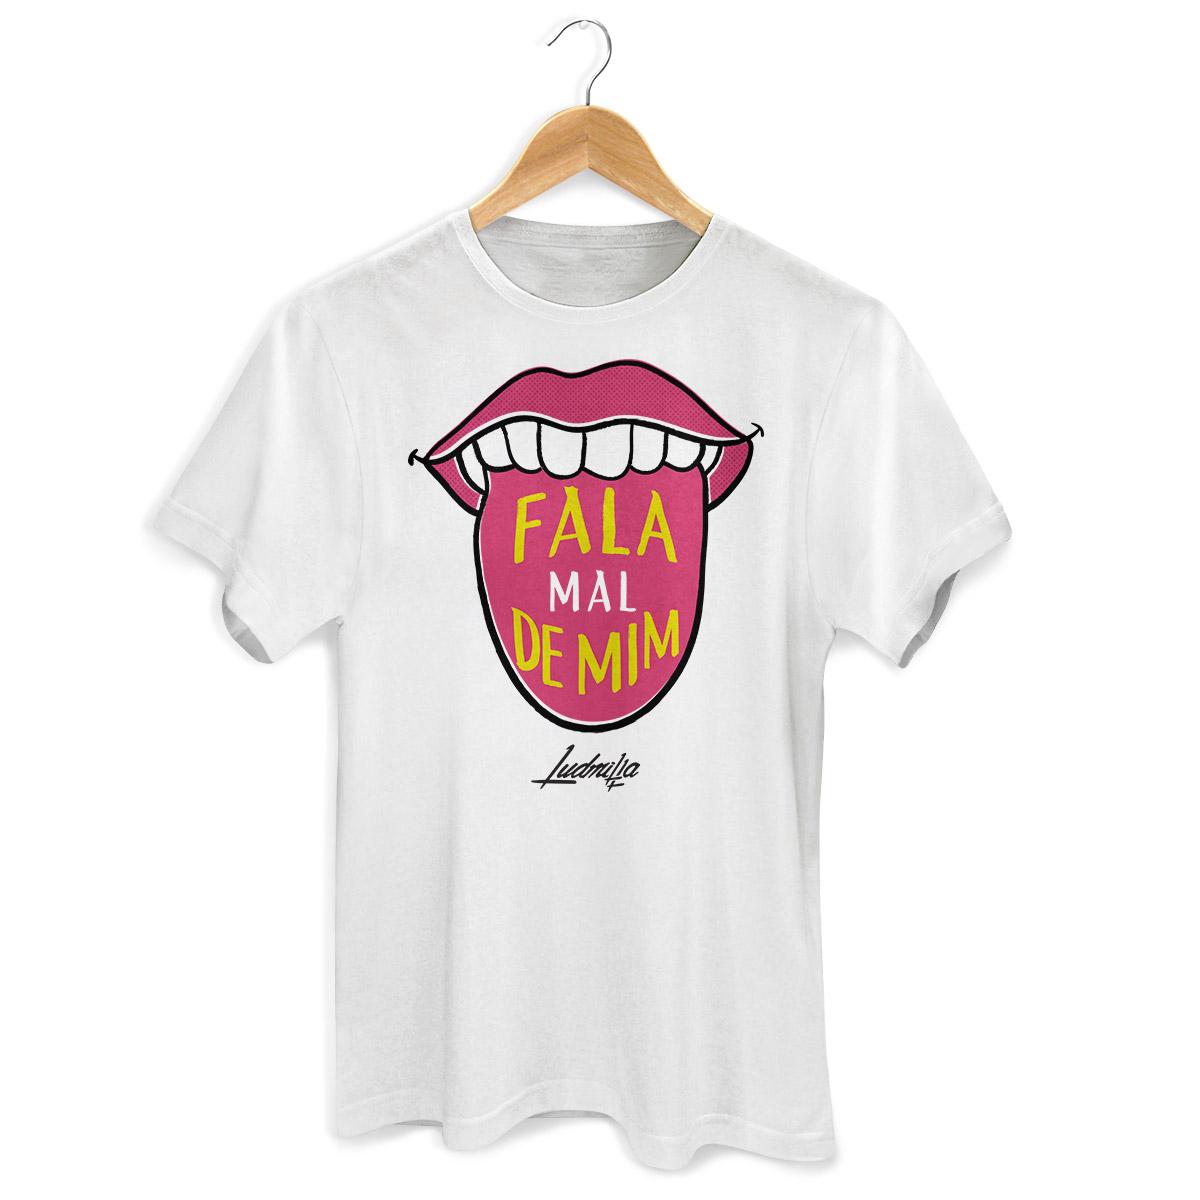 Camiseta Masculina Ludmilla Fala Mal de Mim